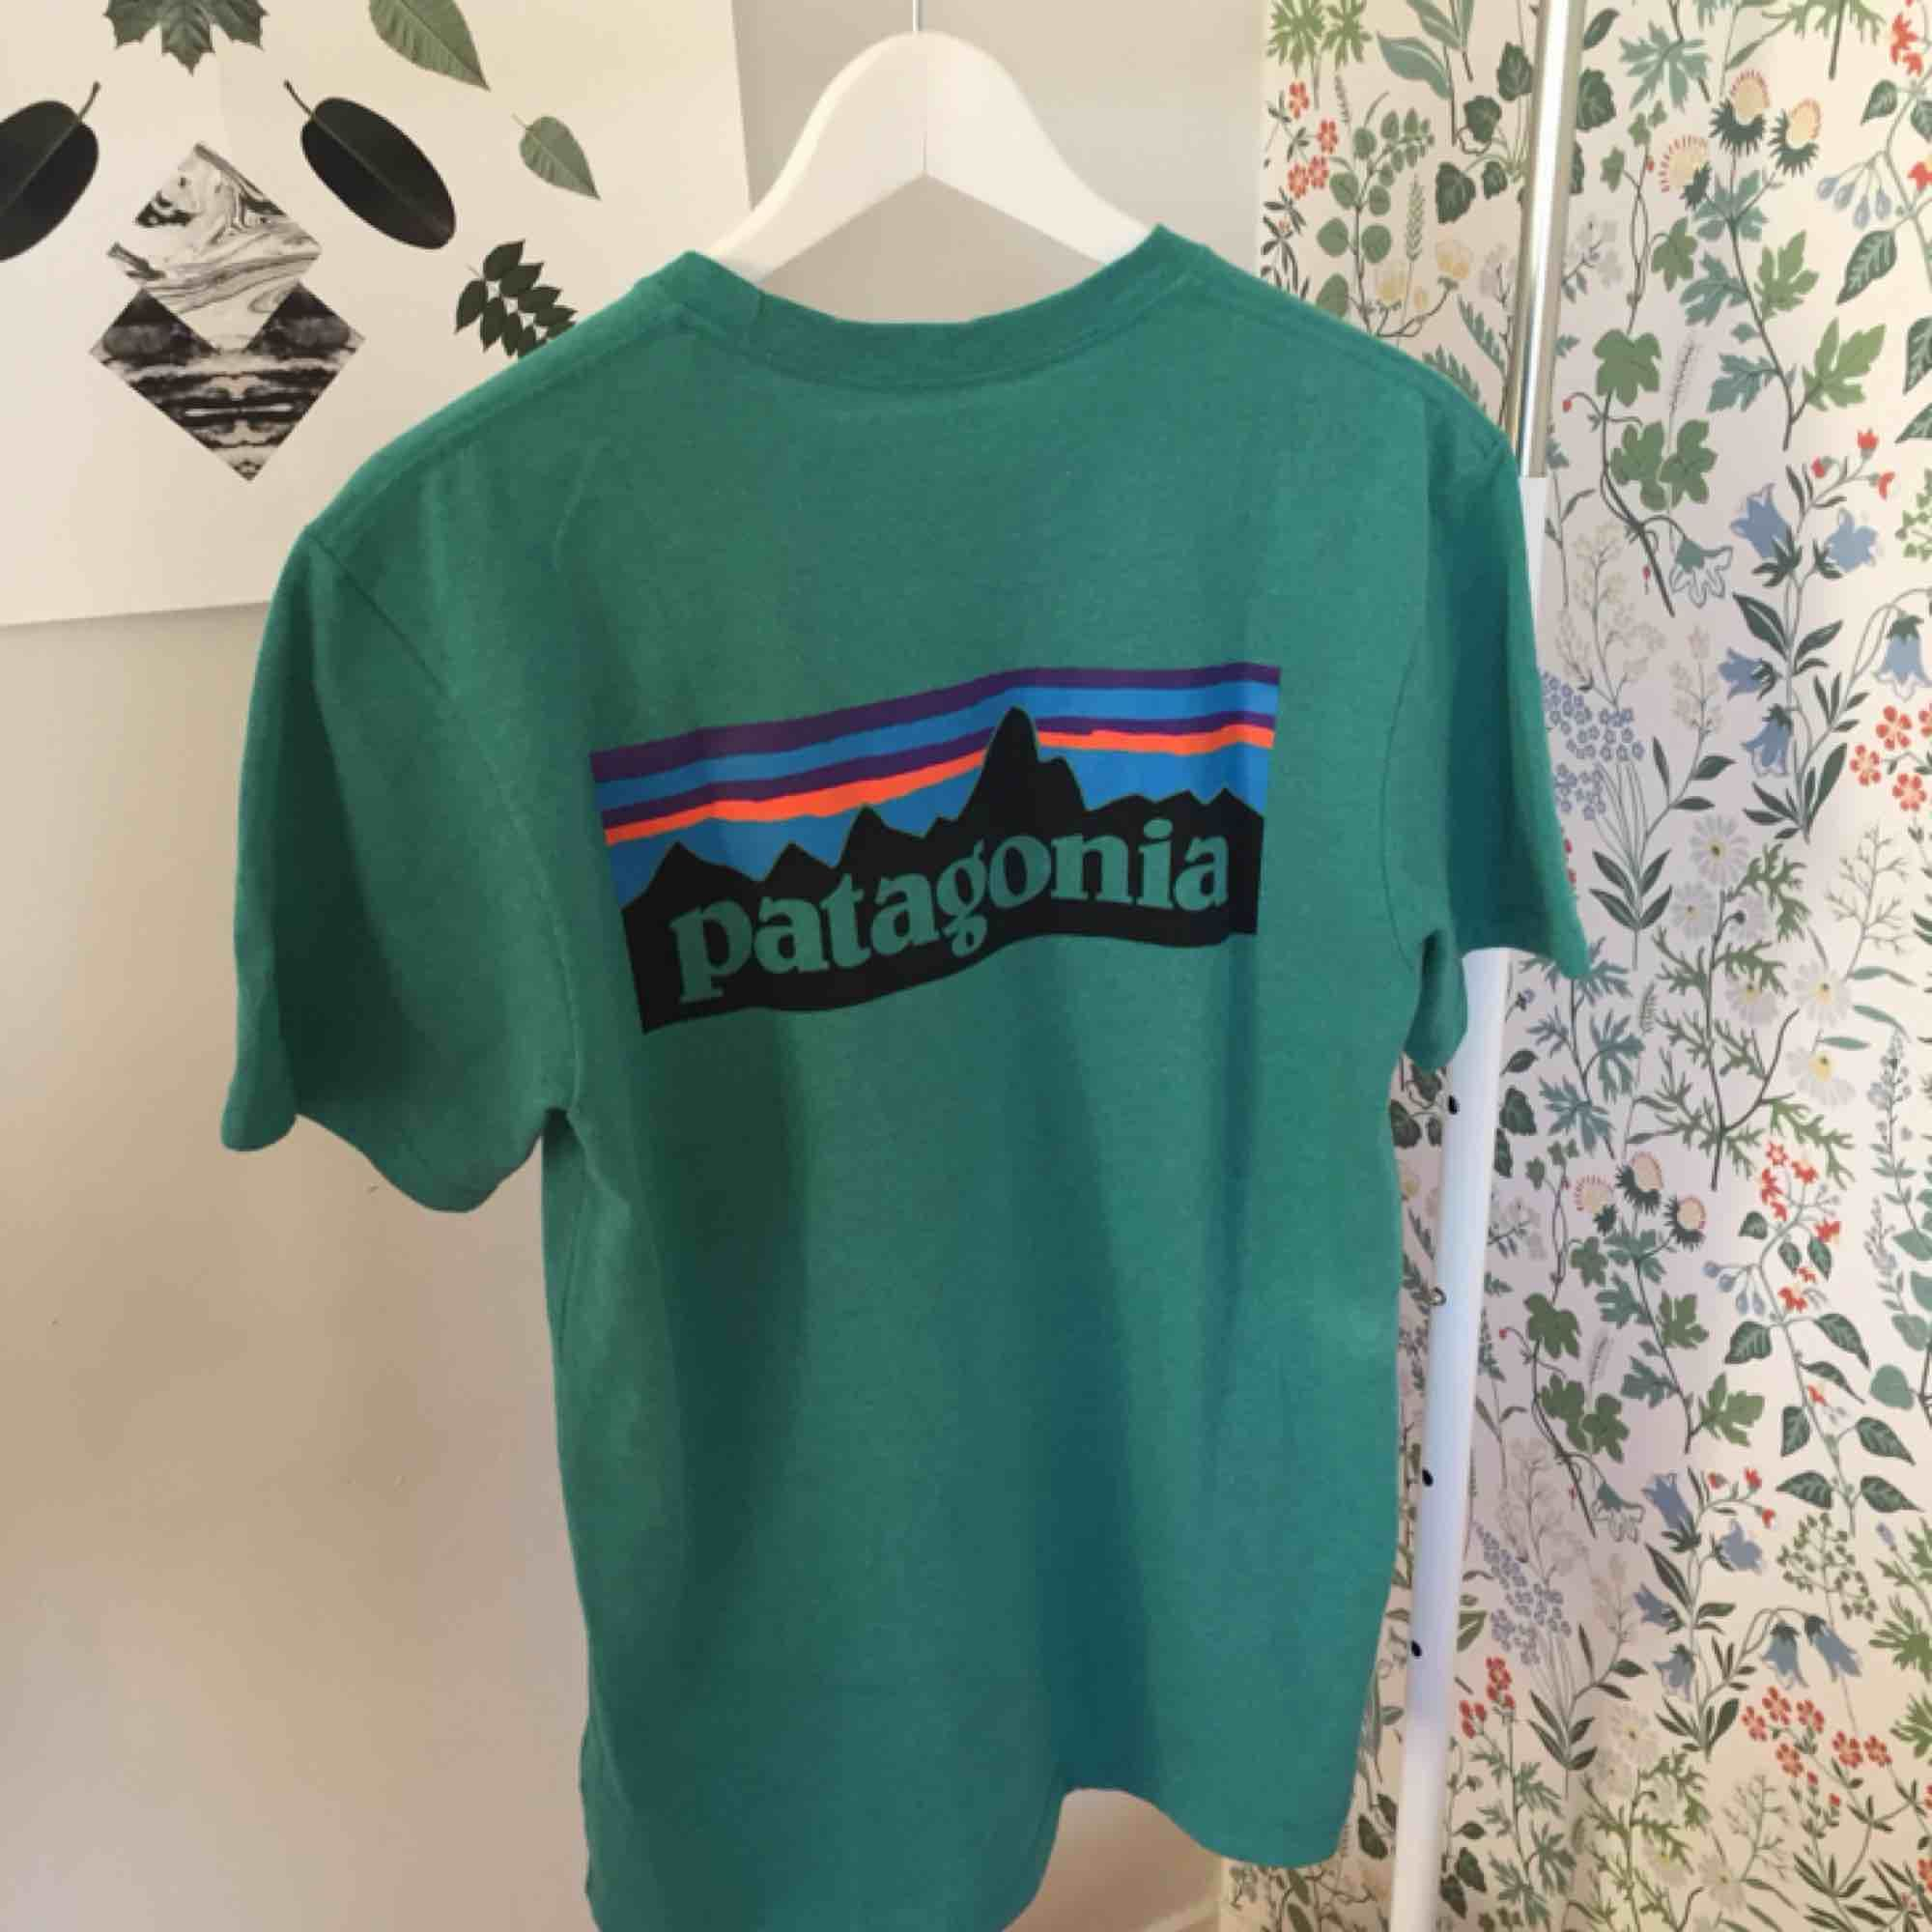 Oanvänd skitsnygg Patagonia T-shirt i turkos färg. Råkade beställa en för liten storlek, därför säljer jag nu(retur var så dyr😒) Nypris 350 kr. Möts upp i Stockholm eller fraktar🥰🦋🍃. T-shirts.